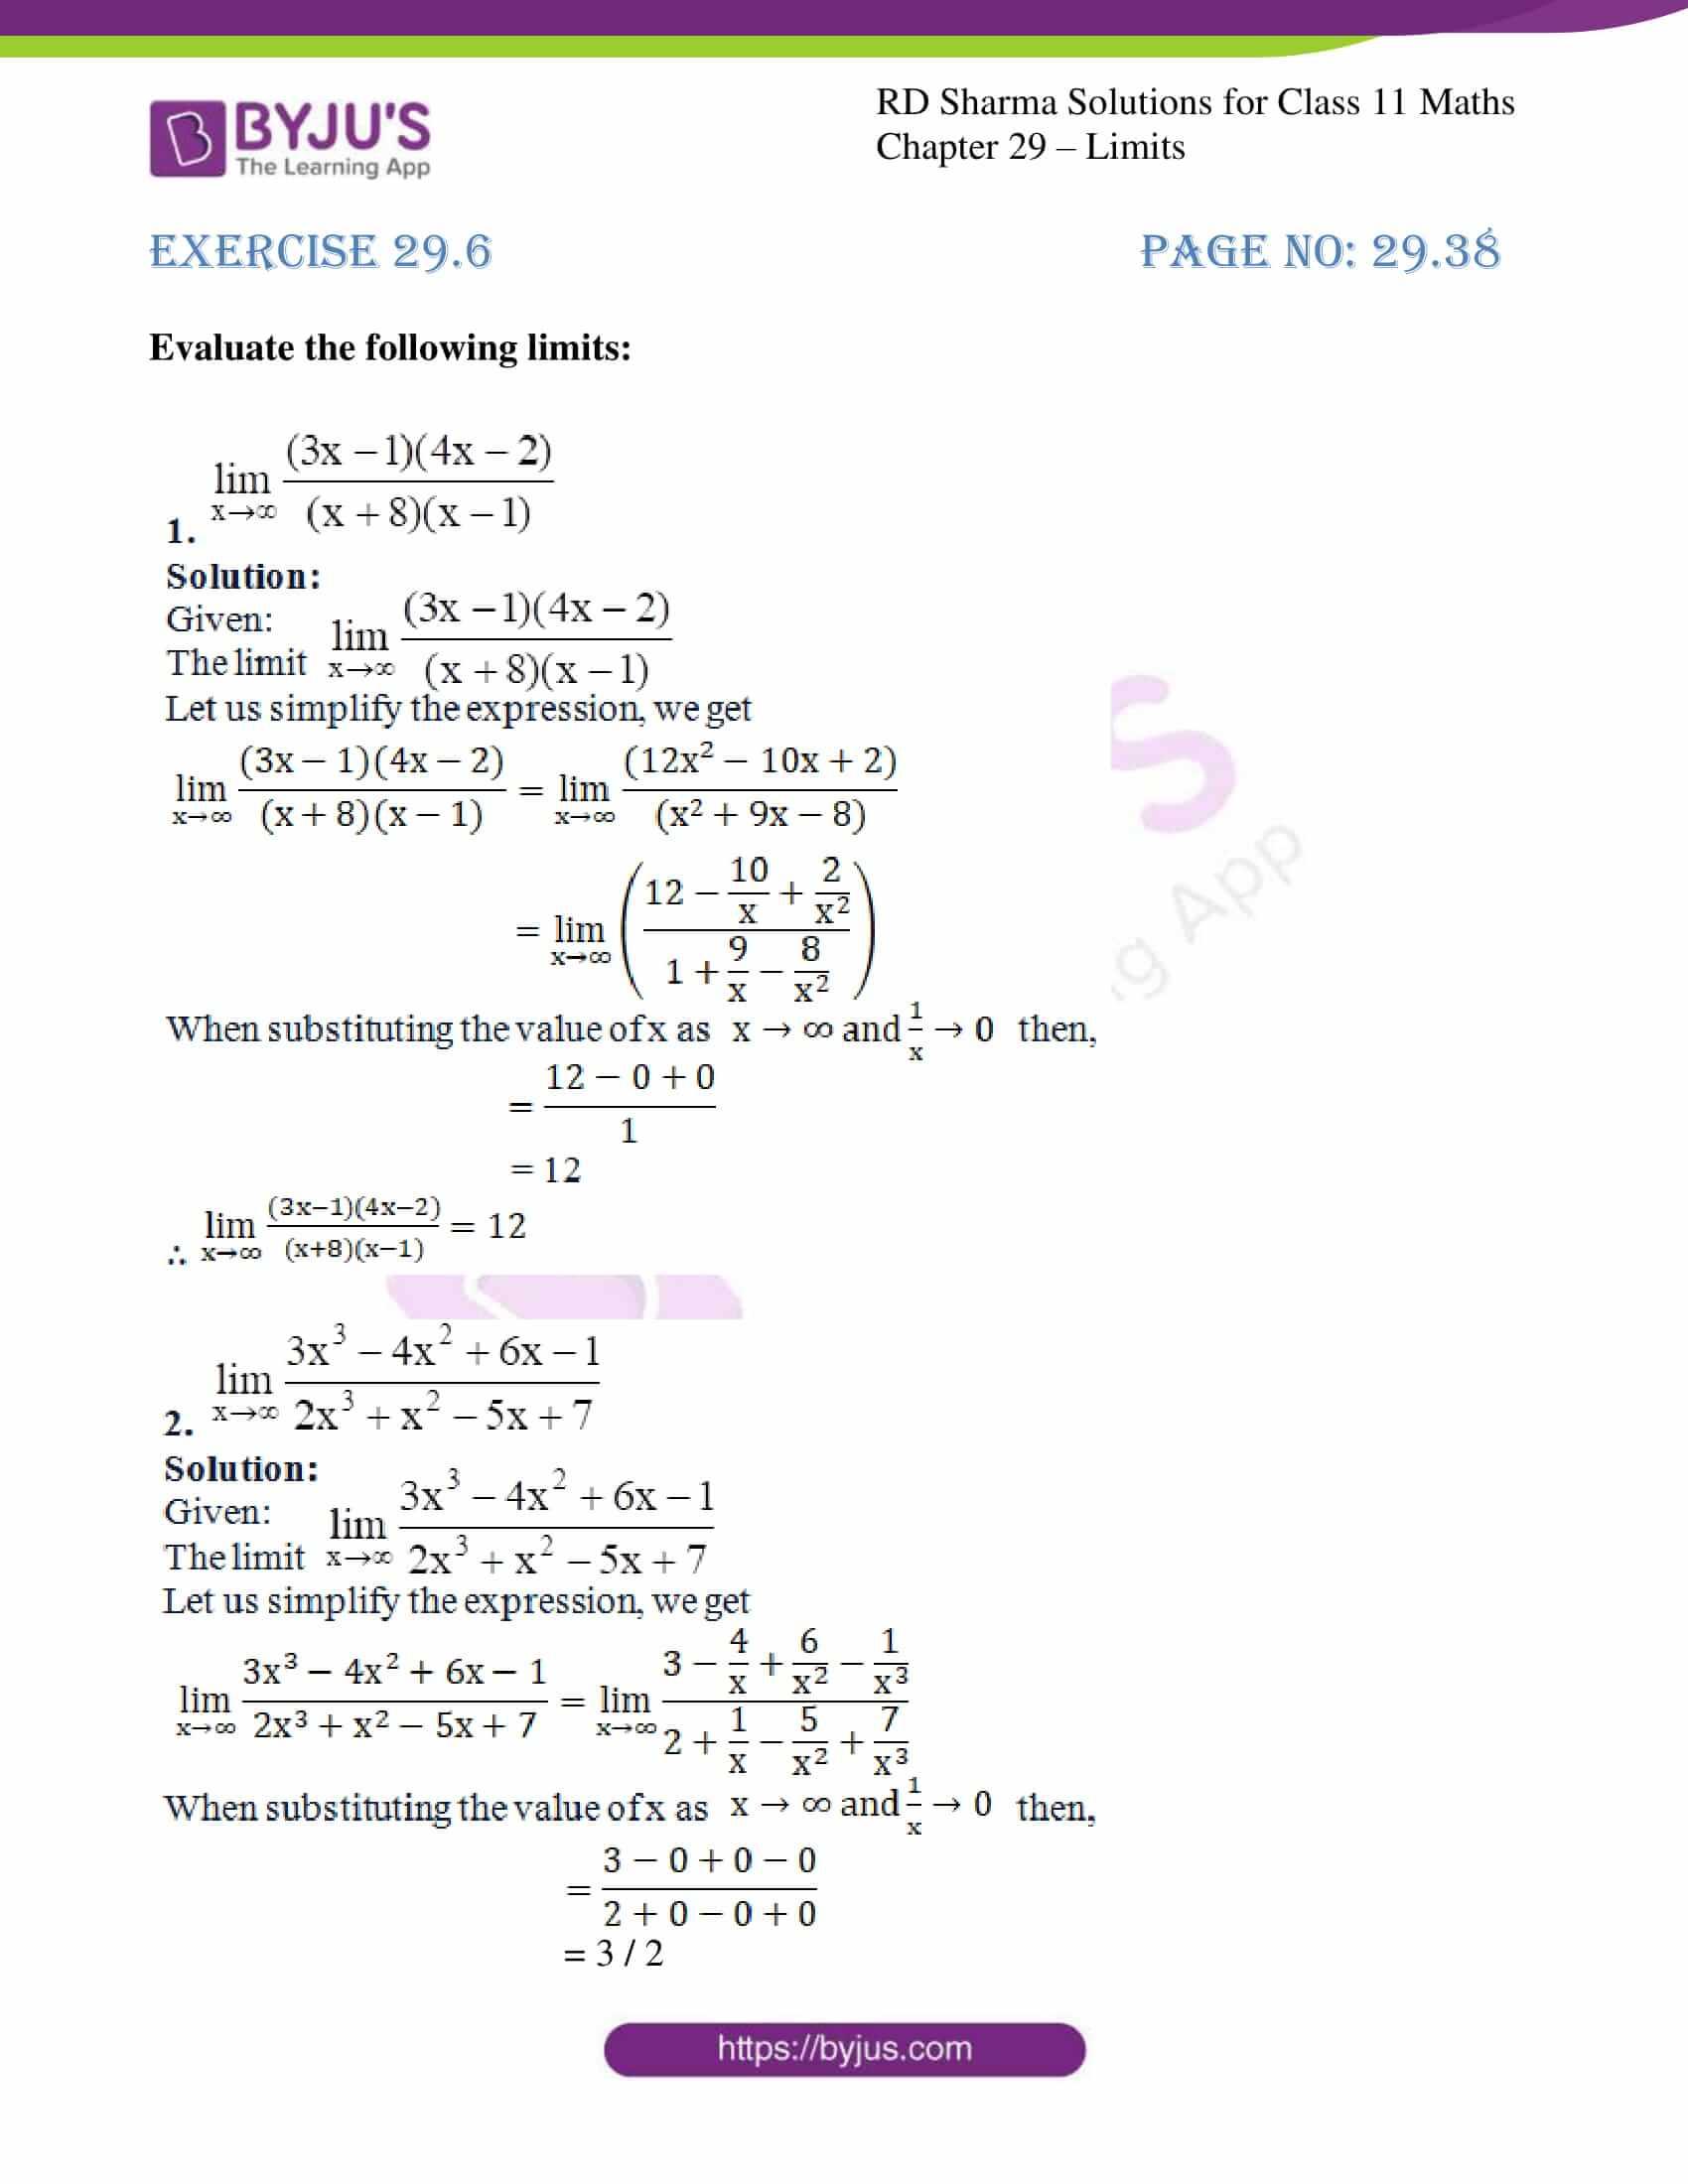 rd sharma class 11 maths chapter 29 ex 6 1